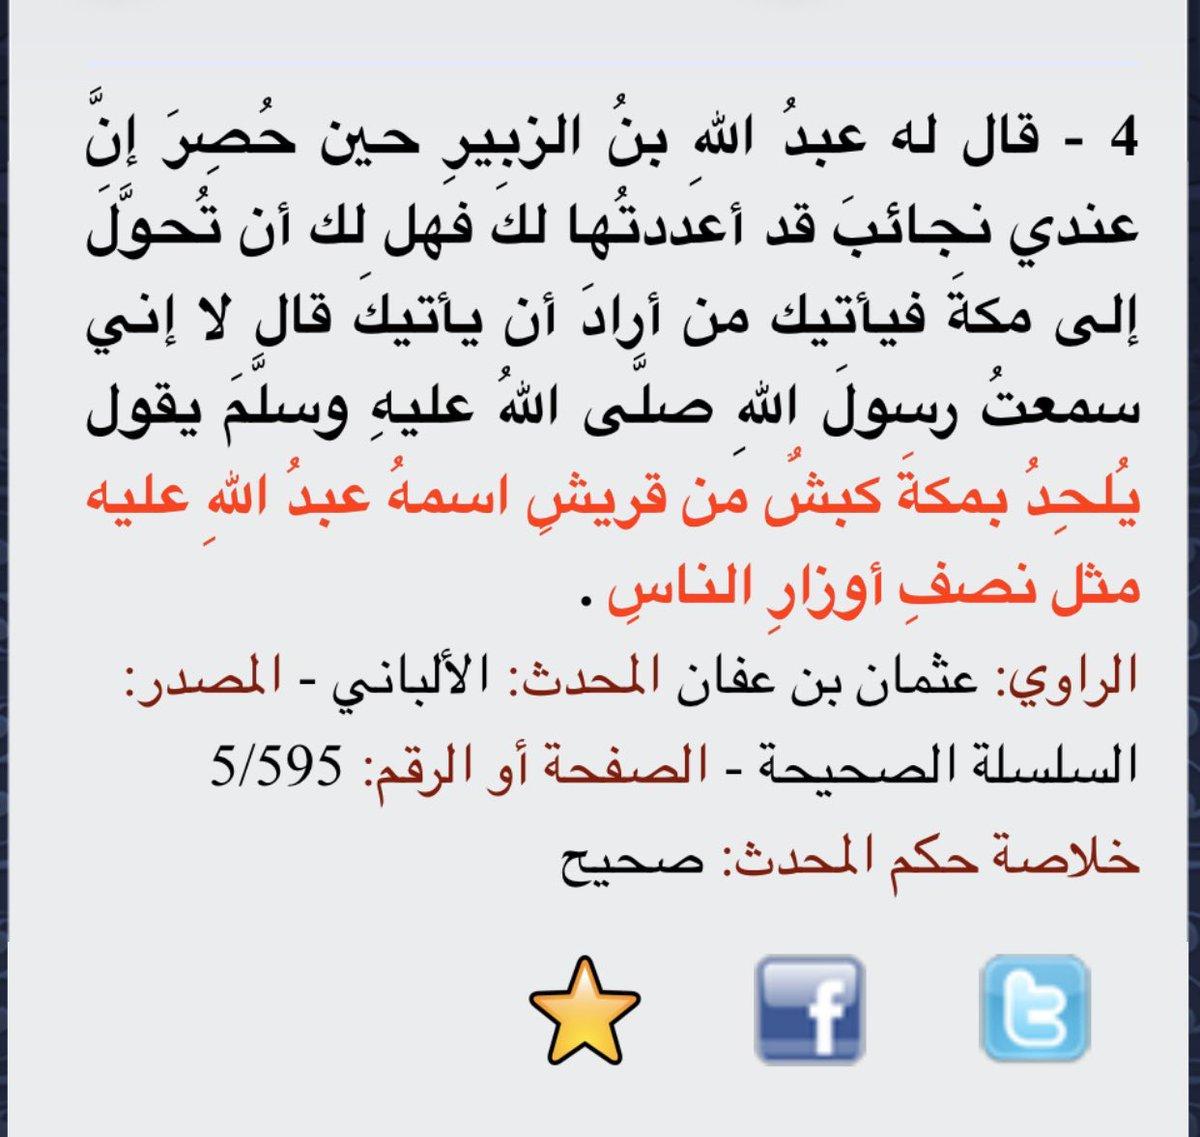 photo_1295312191839584256